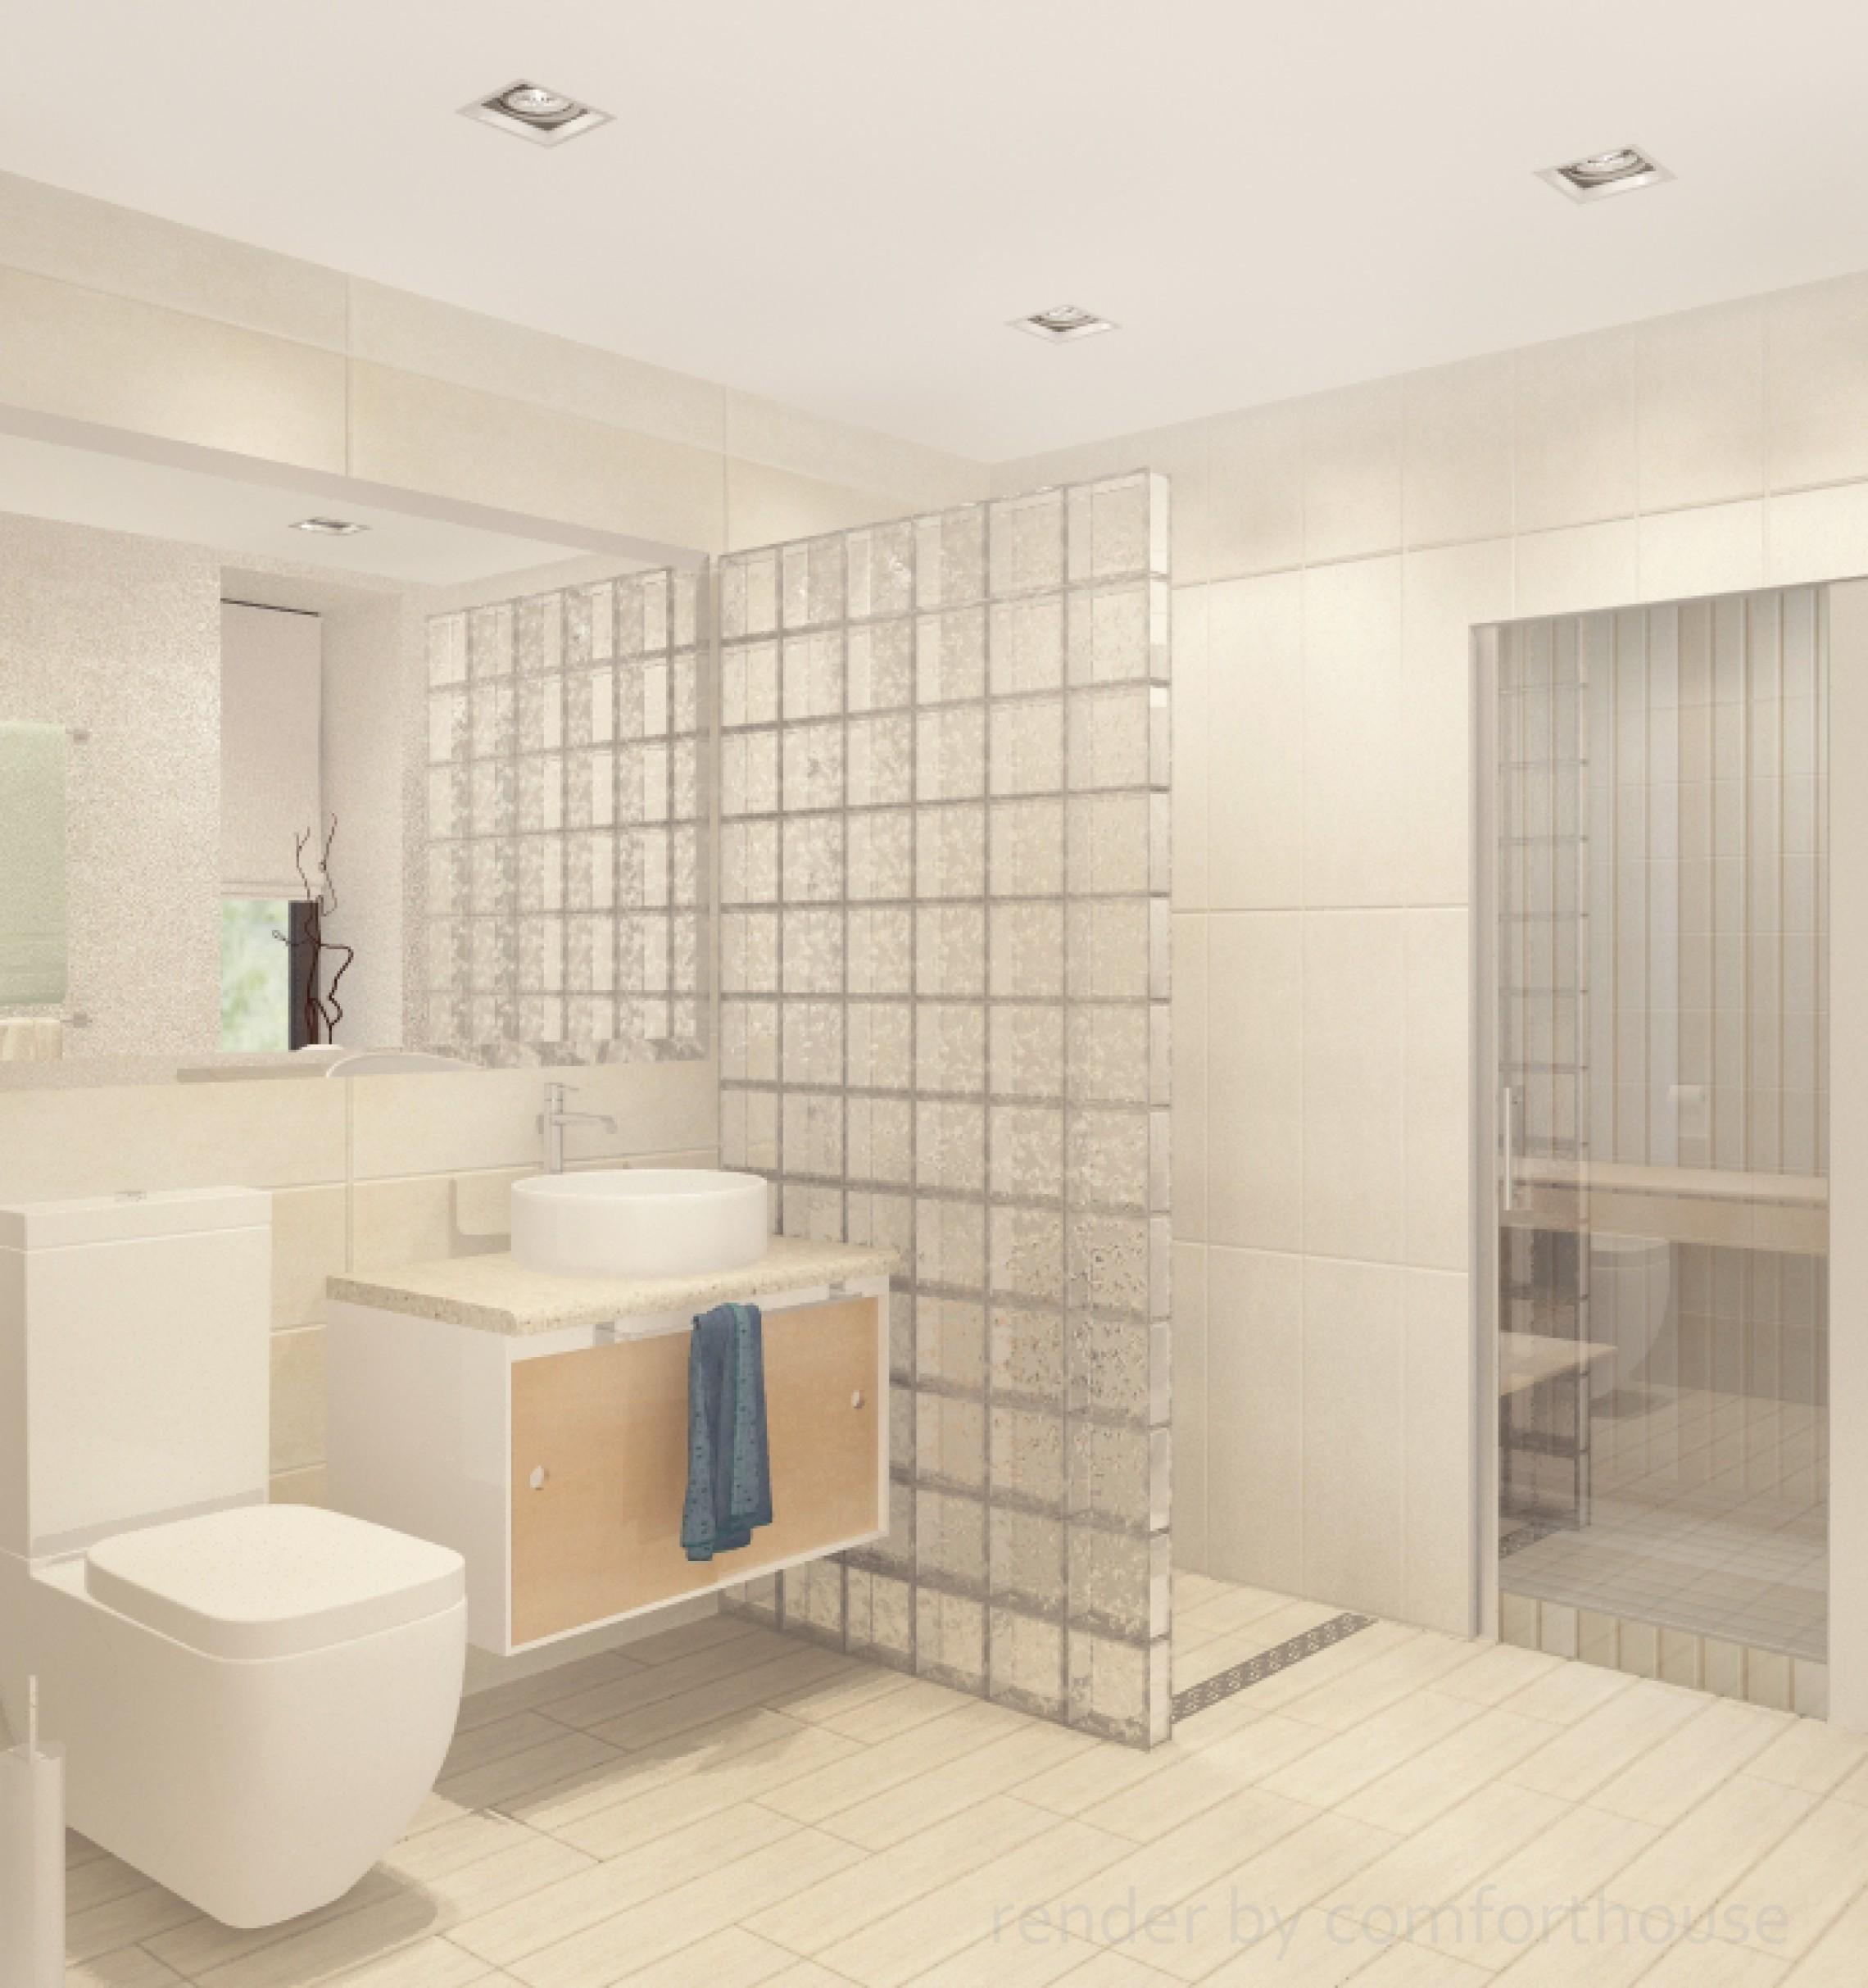 Design interior studio